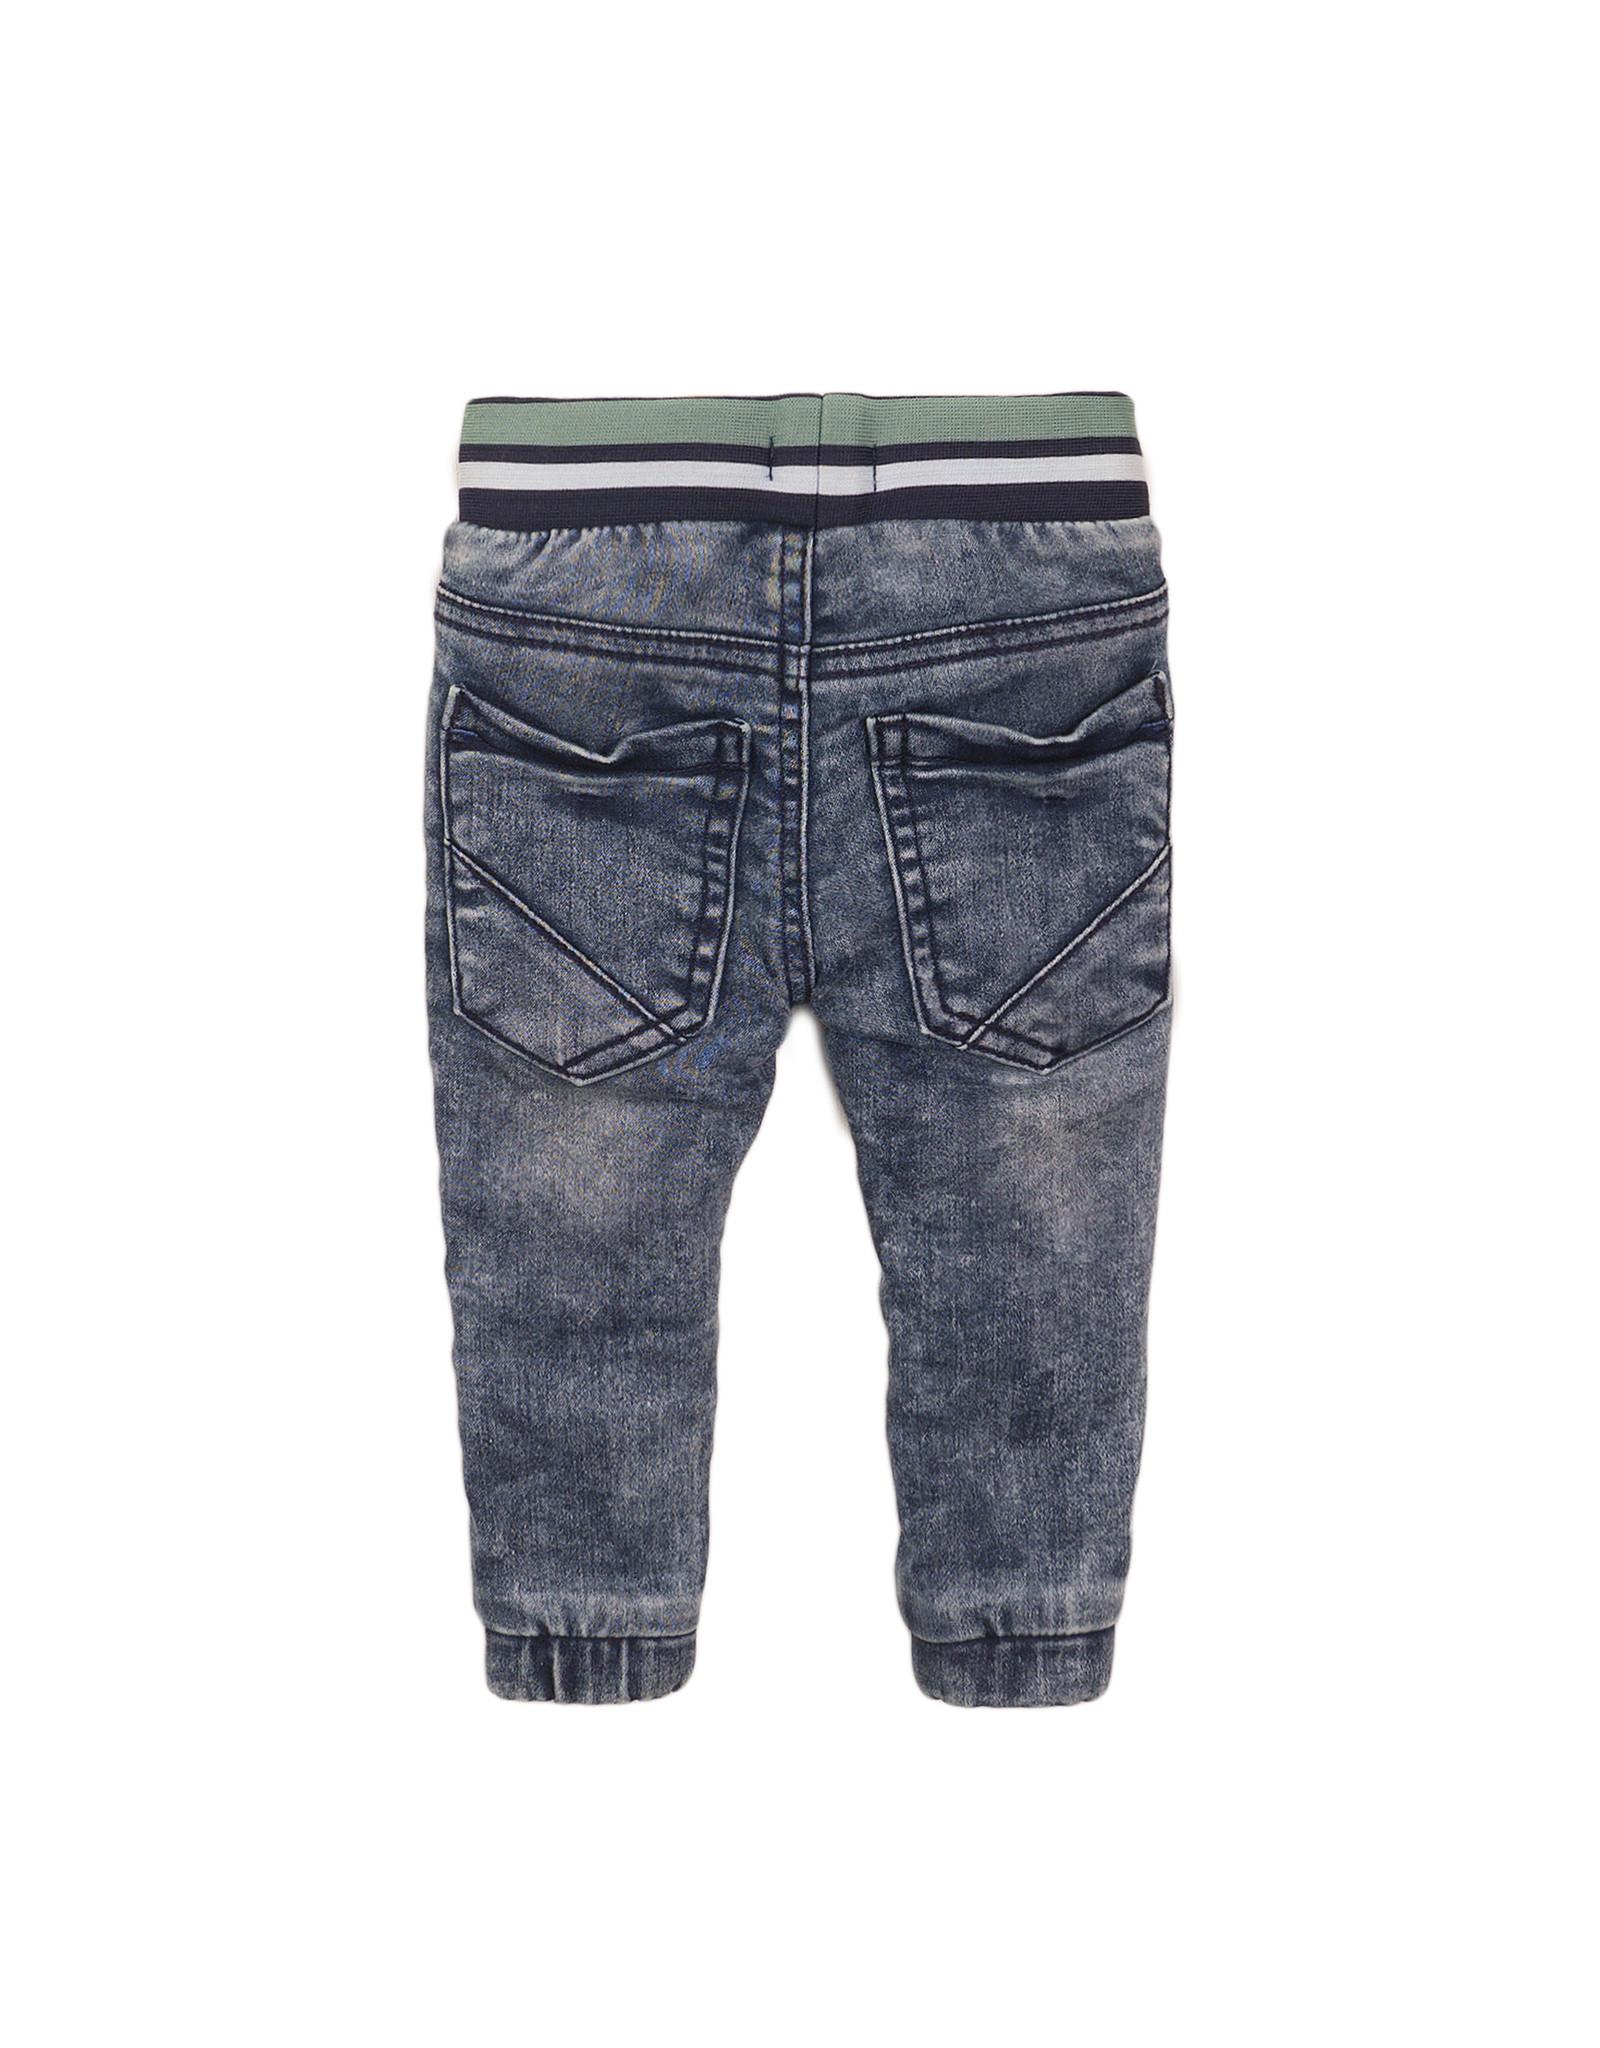 Dirkje Dirkje baby jongens jeans met band bluejeans